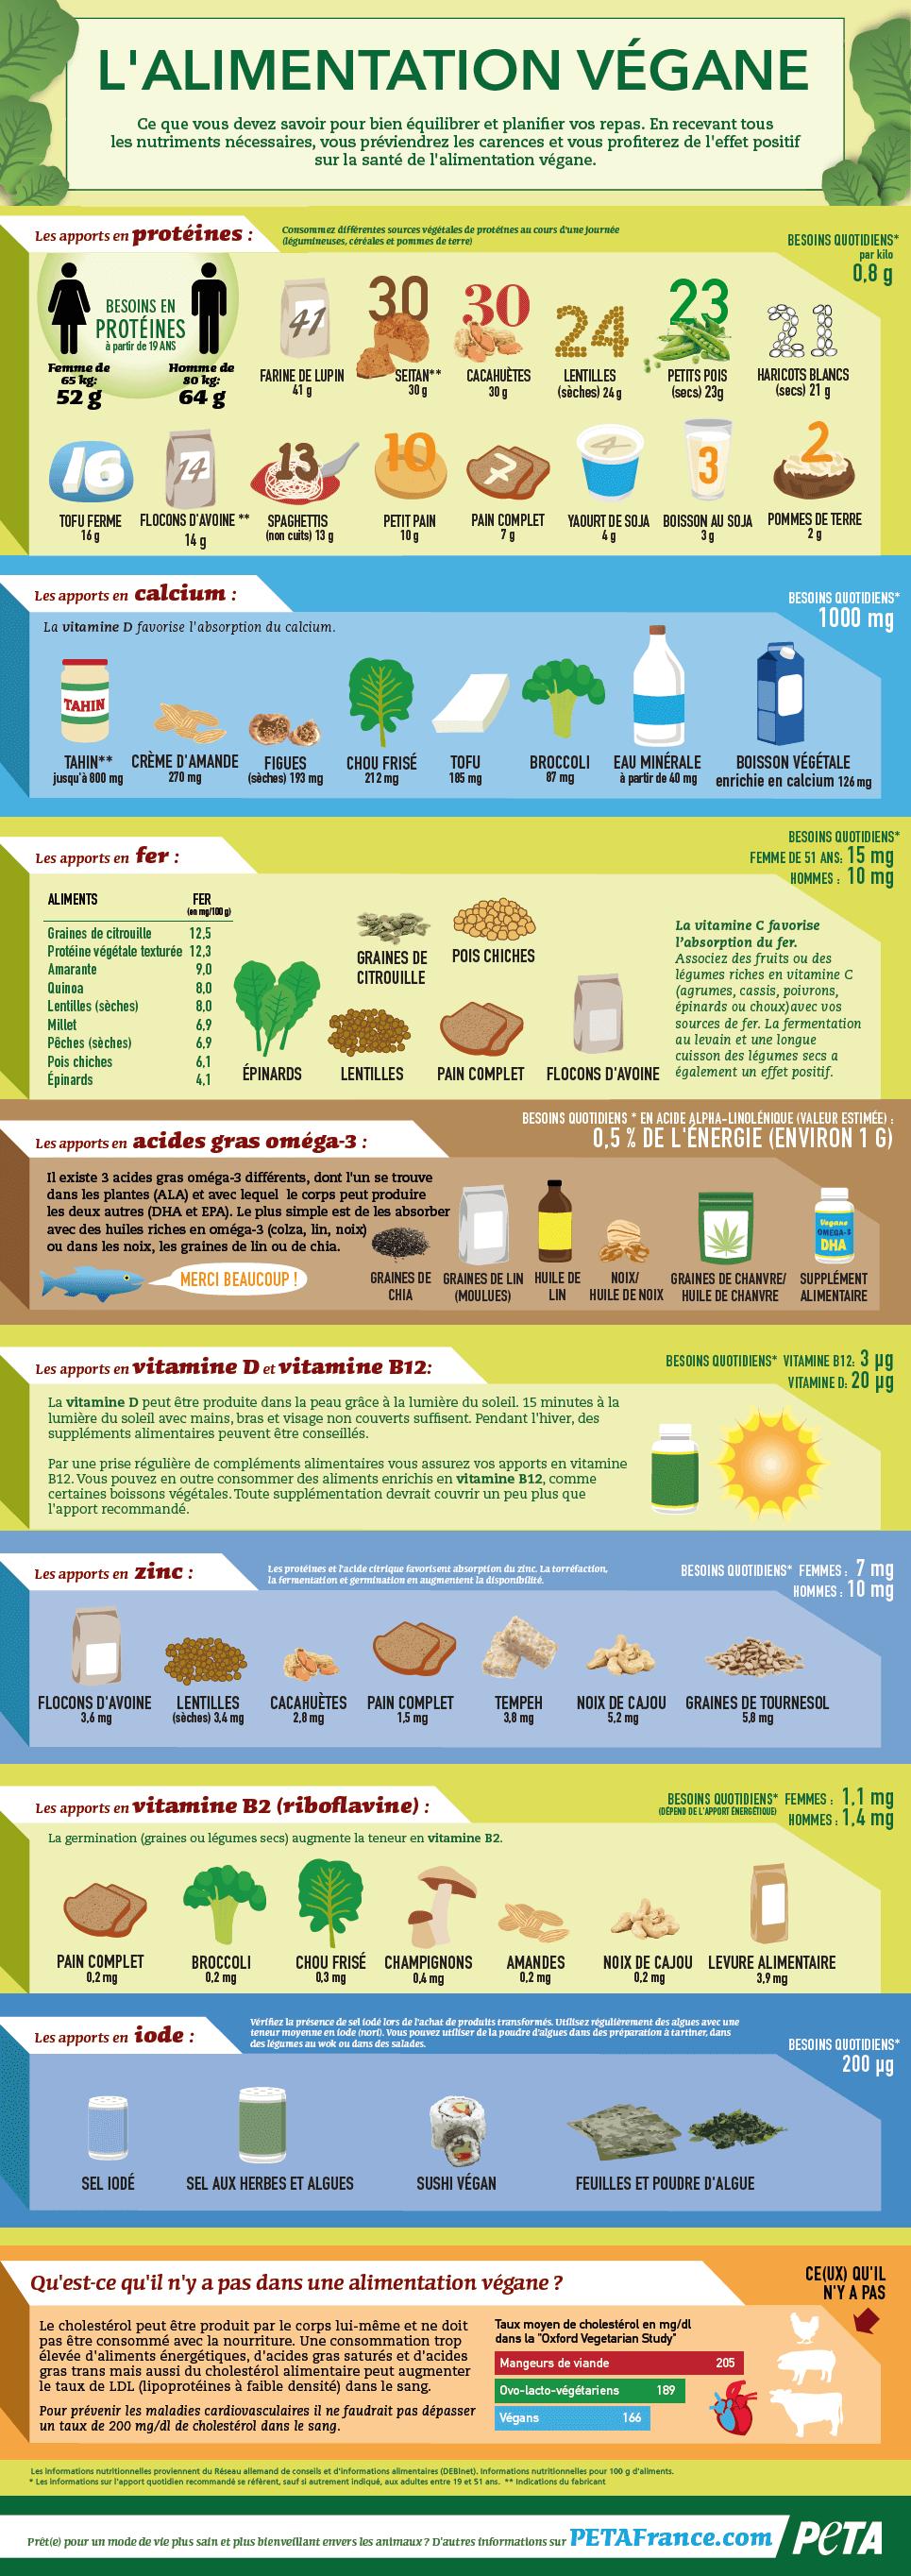 Les nutriments les plus importants dans l'alimentation végane